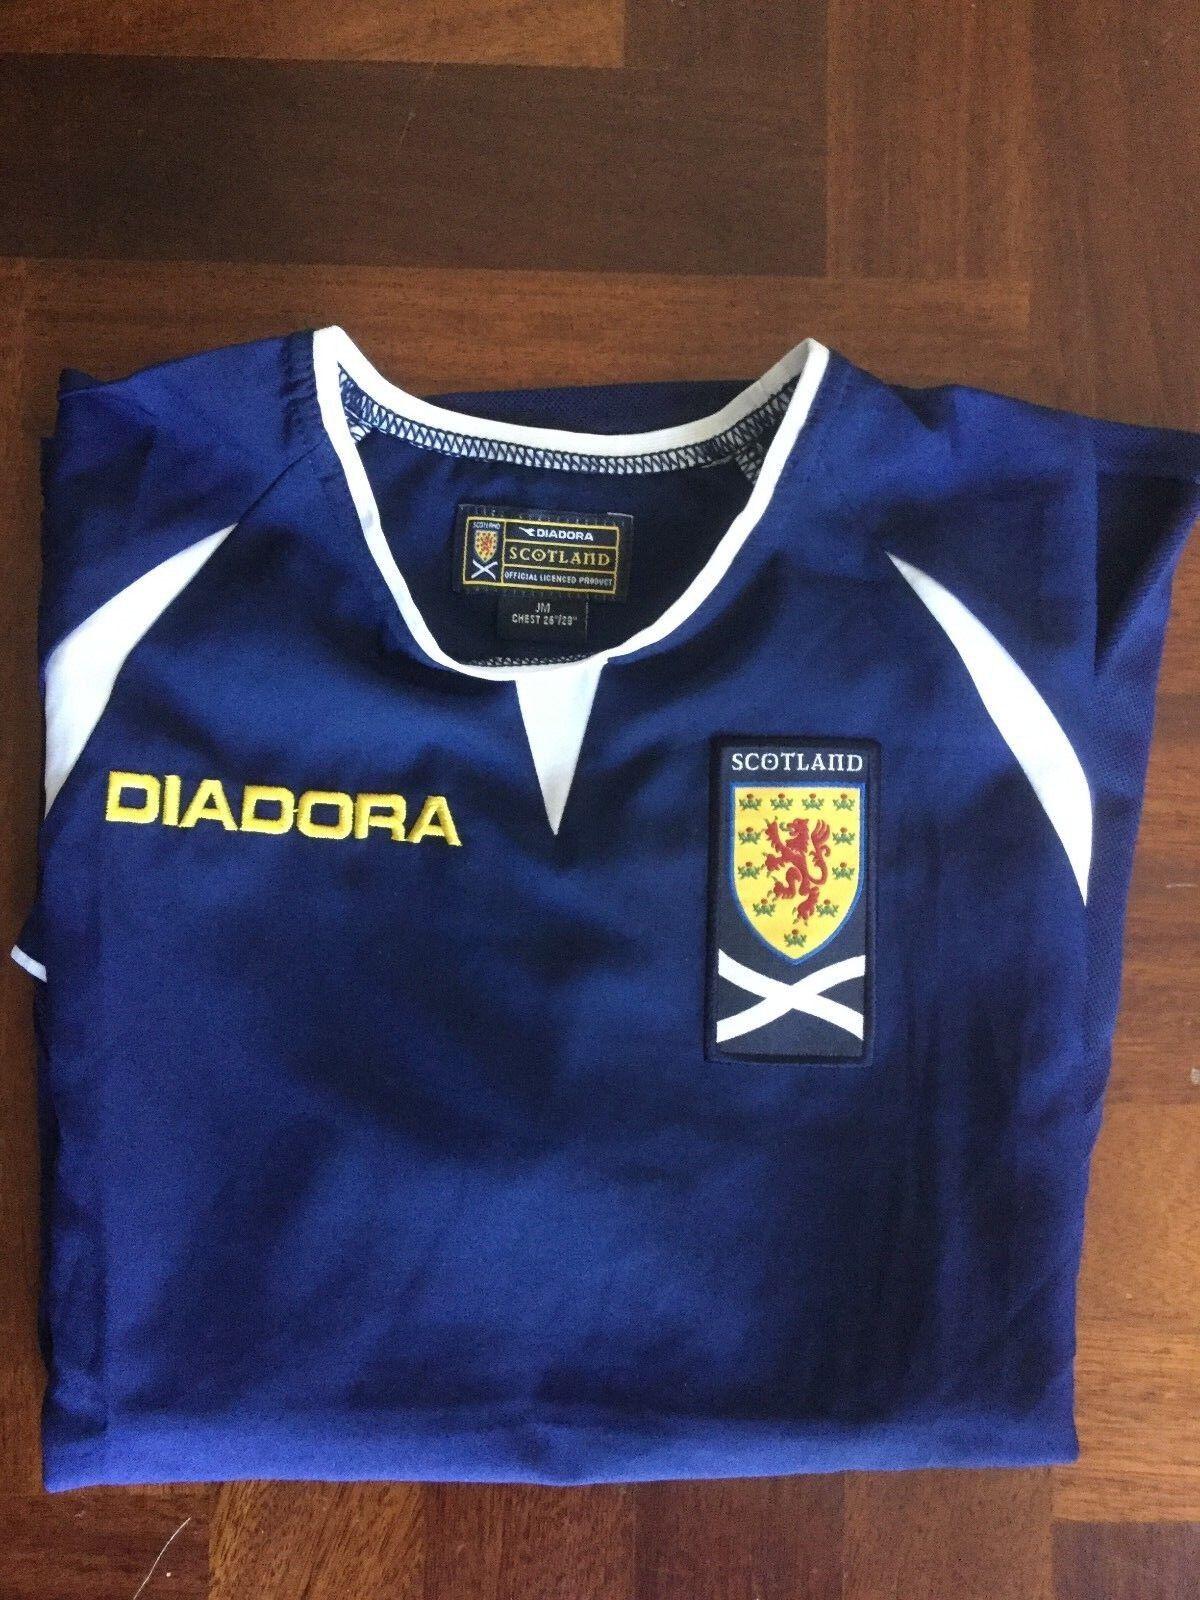 MAGLIA CALCIO DIADORA SCOTLAND 2003 football shirt trikot vintage young